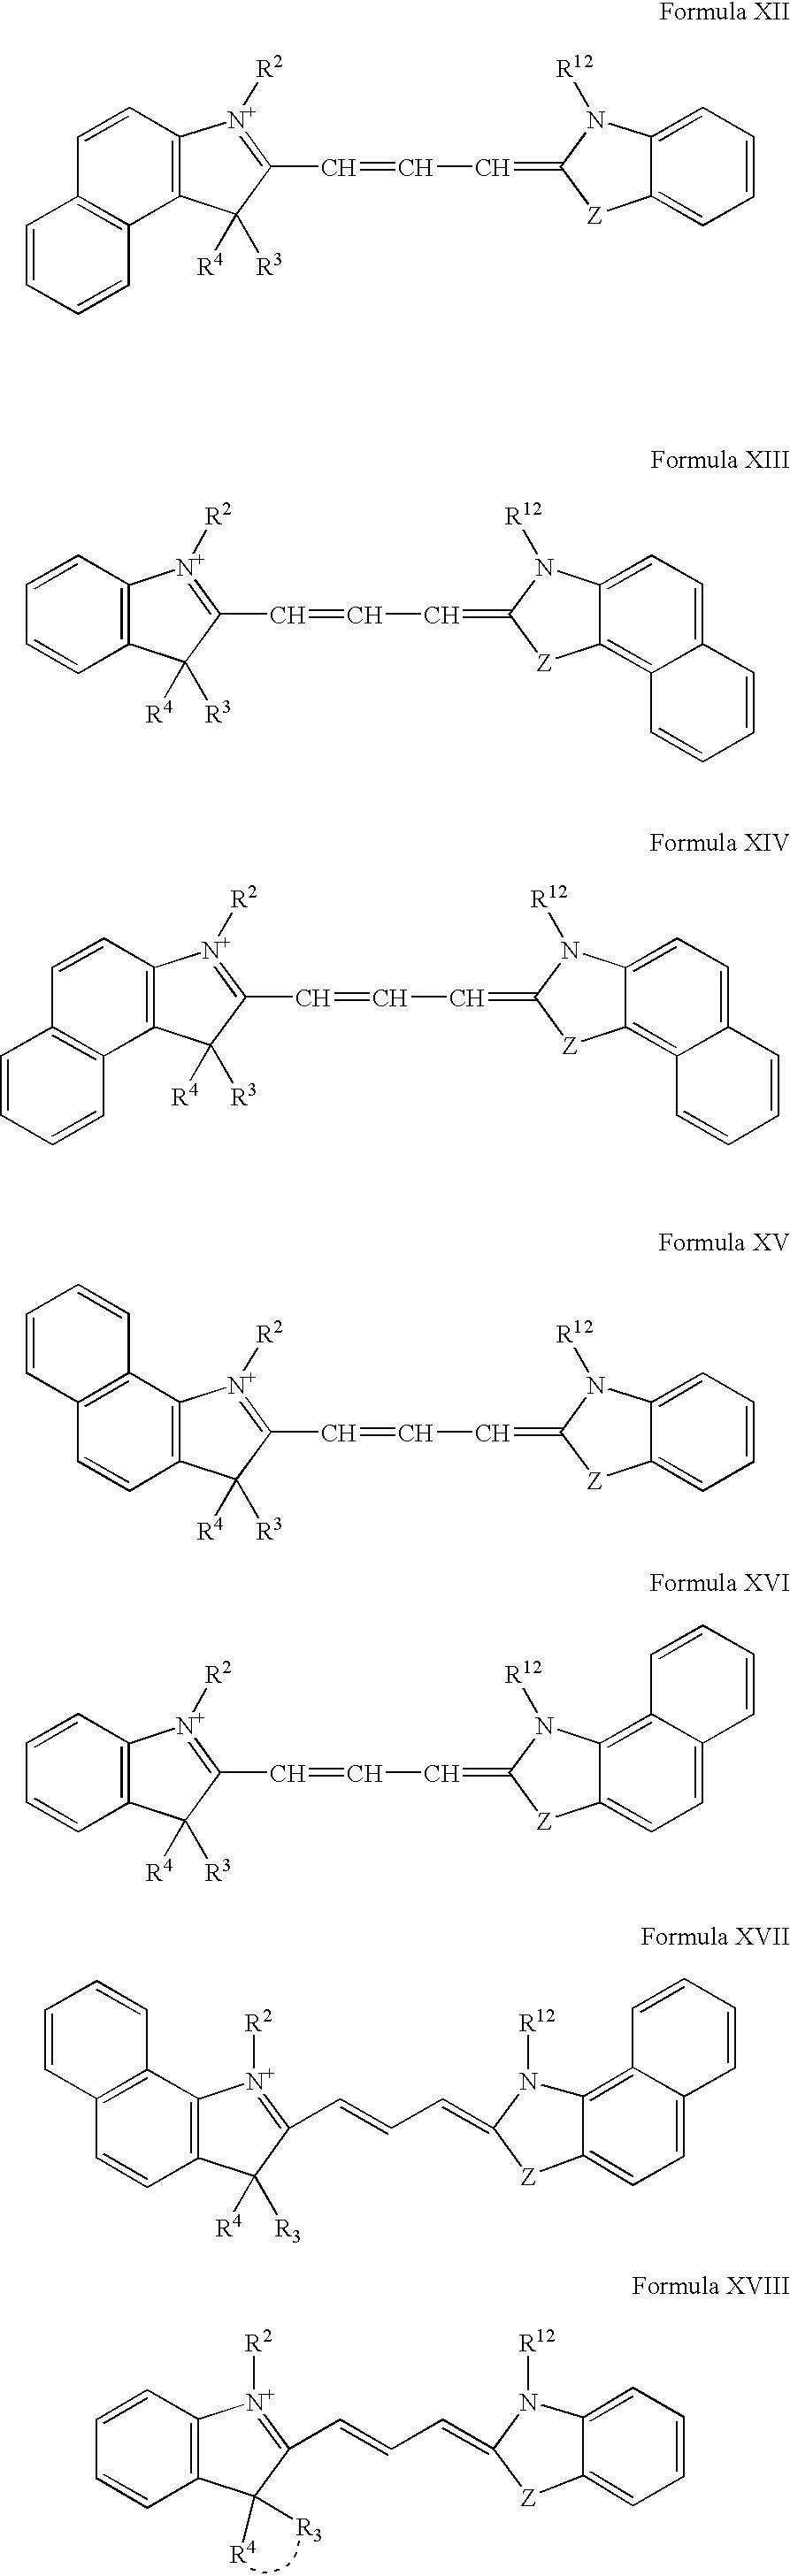 Figure US07566790-20090728-C00009